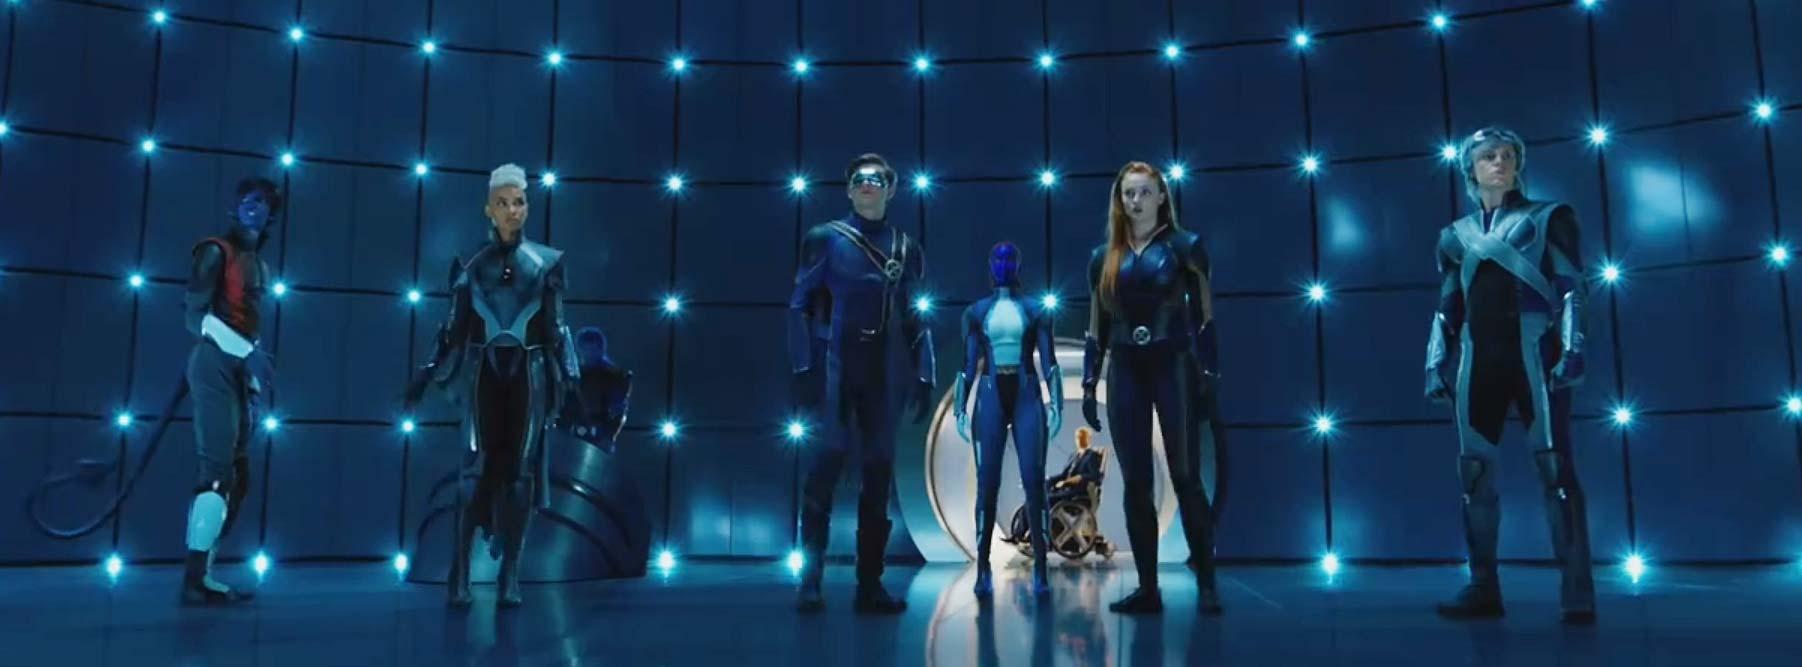 X Men Apocalypse D 233 Voile De Nouveaux Costumes Tr 232 S